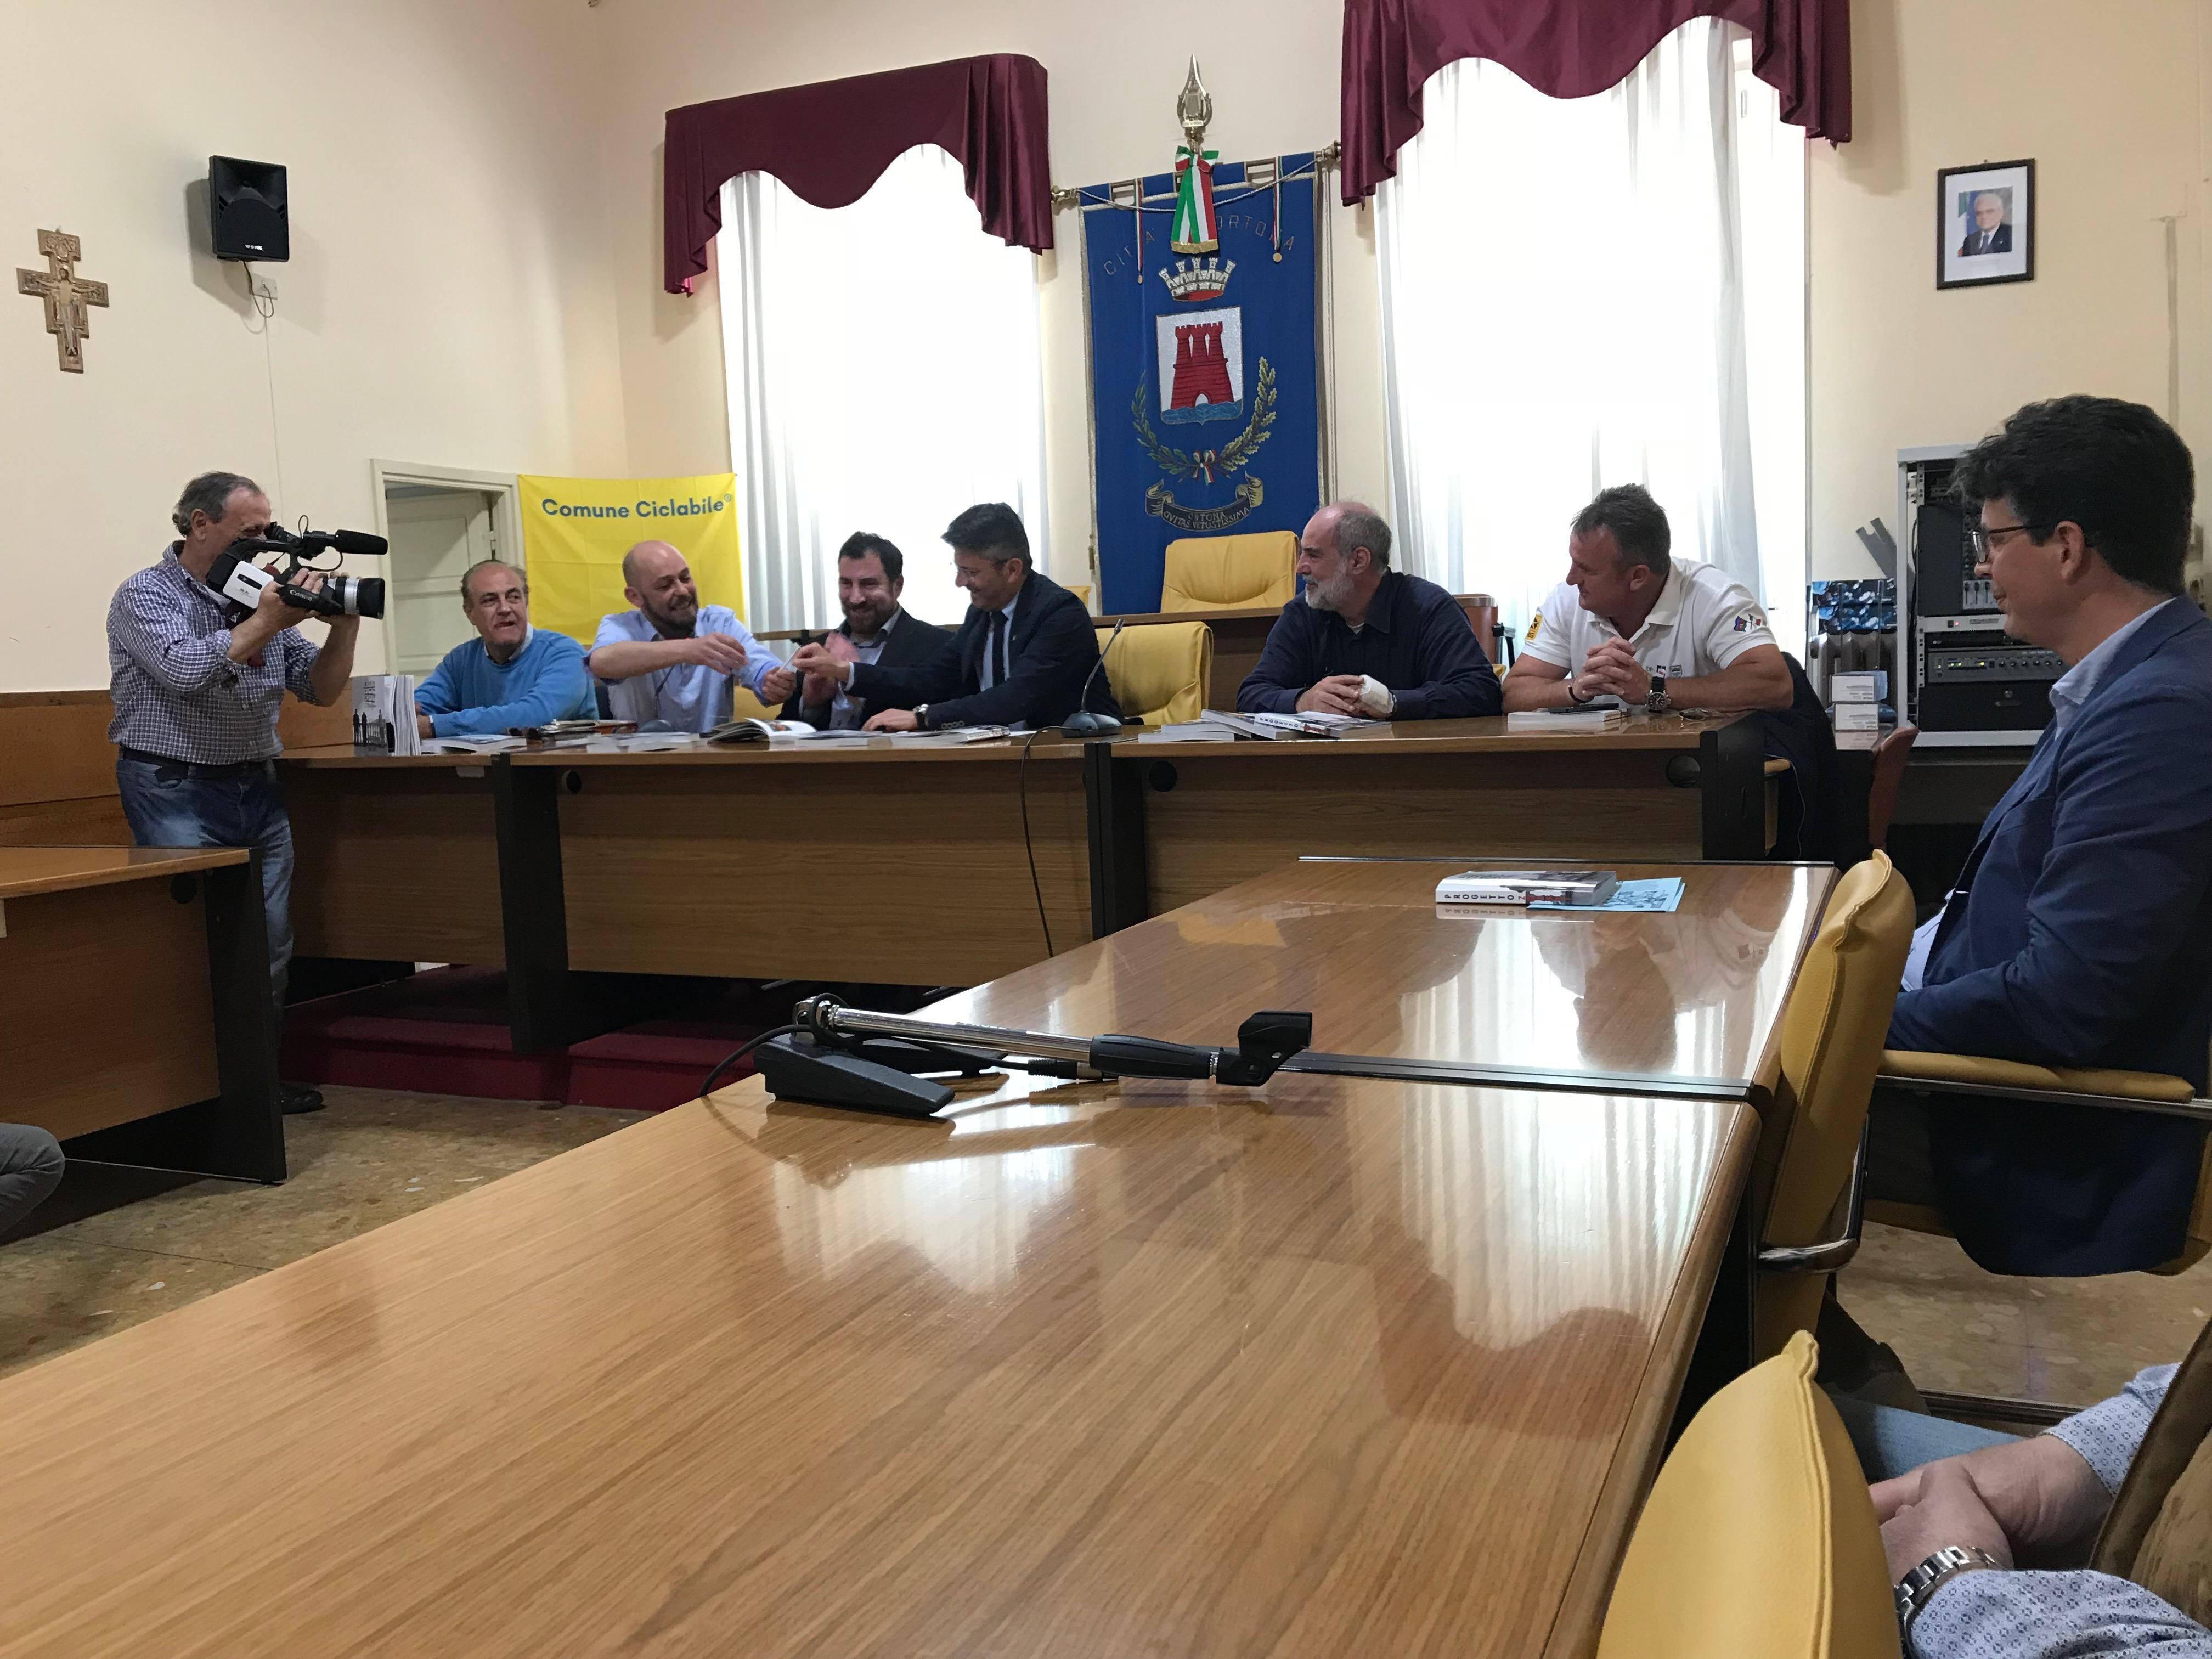 Ortona, contributo al consorzio Chieti-Pescara: tassa ingiusta